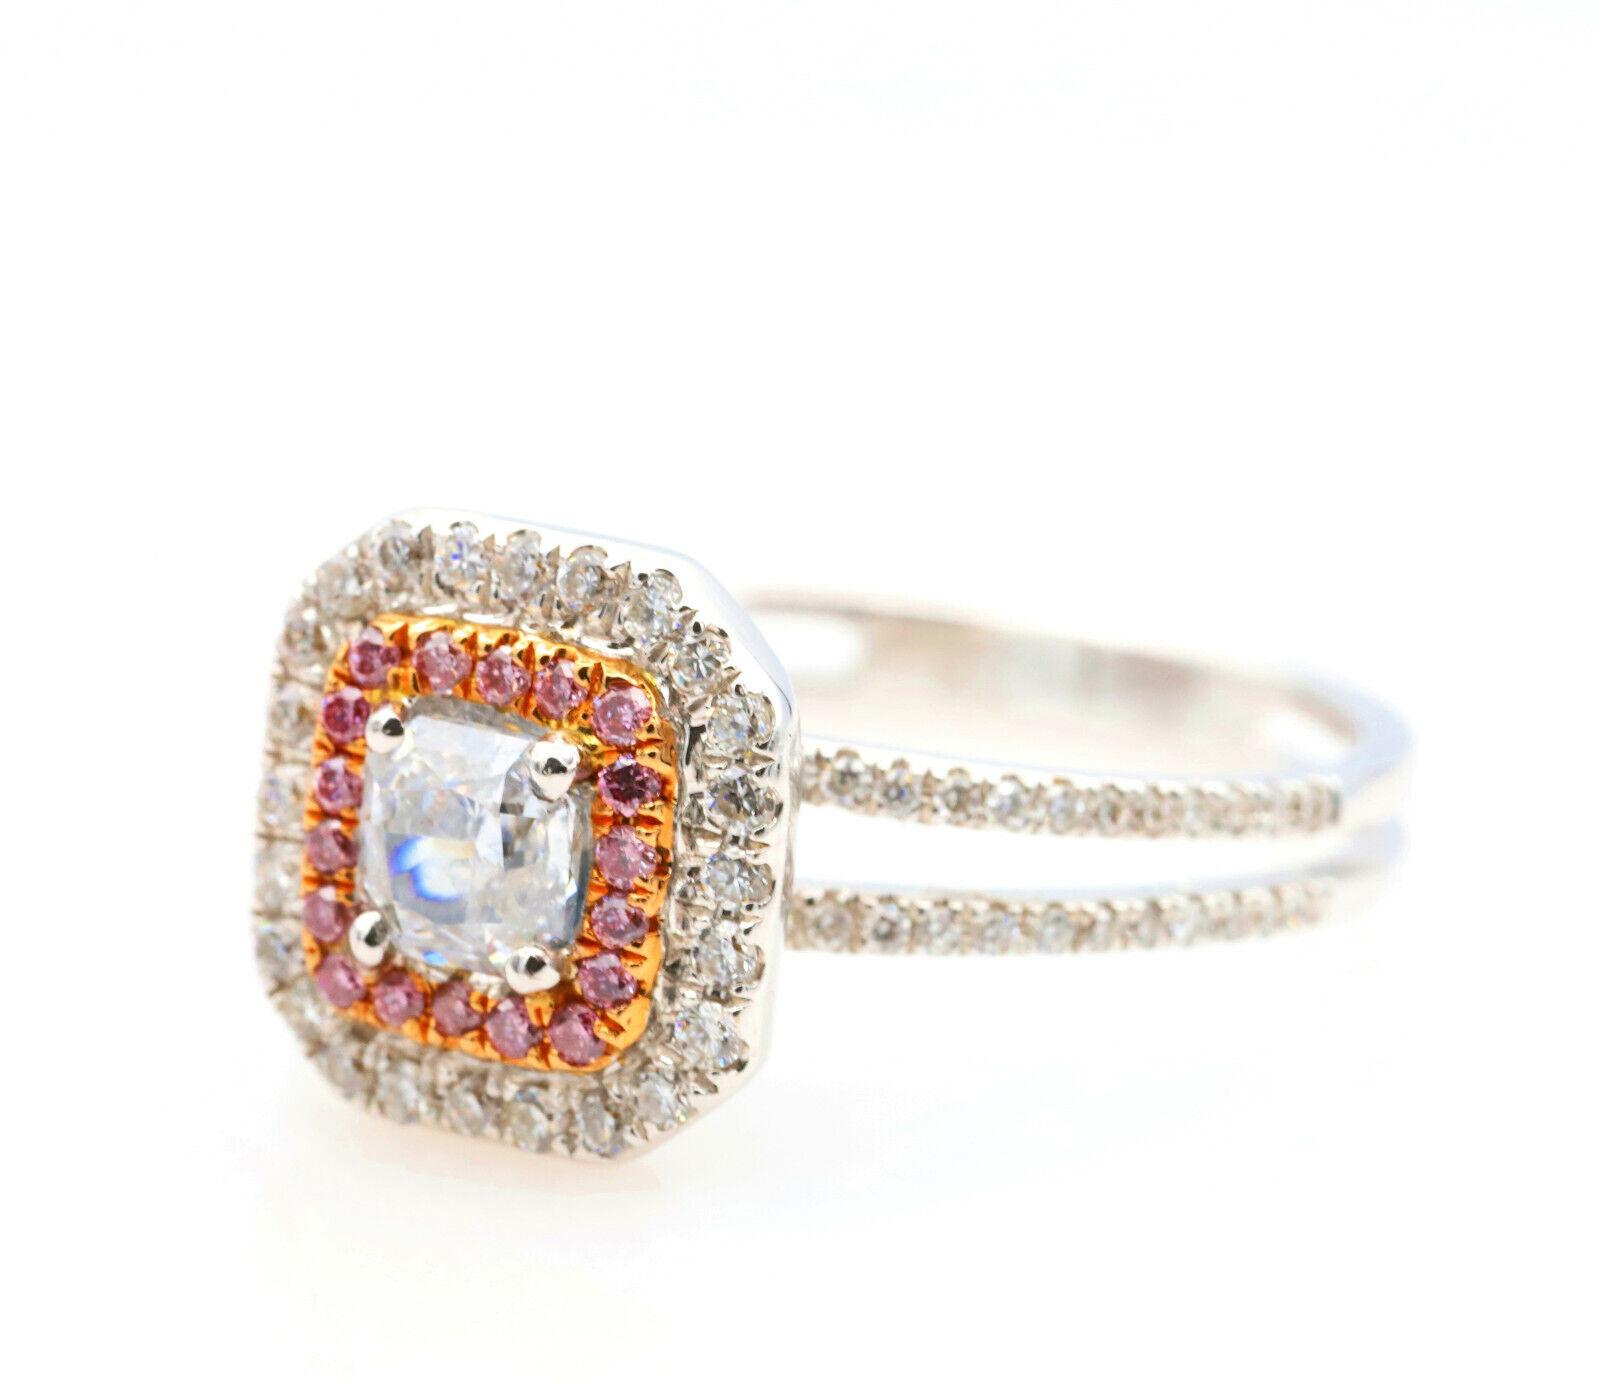 0.65ct Light Blue & Argyle 6PP Intense Pink Diamond Engagement Ring GIA 18K SI2 2